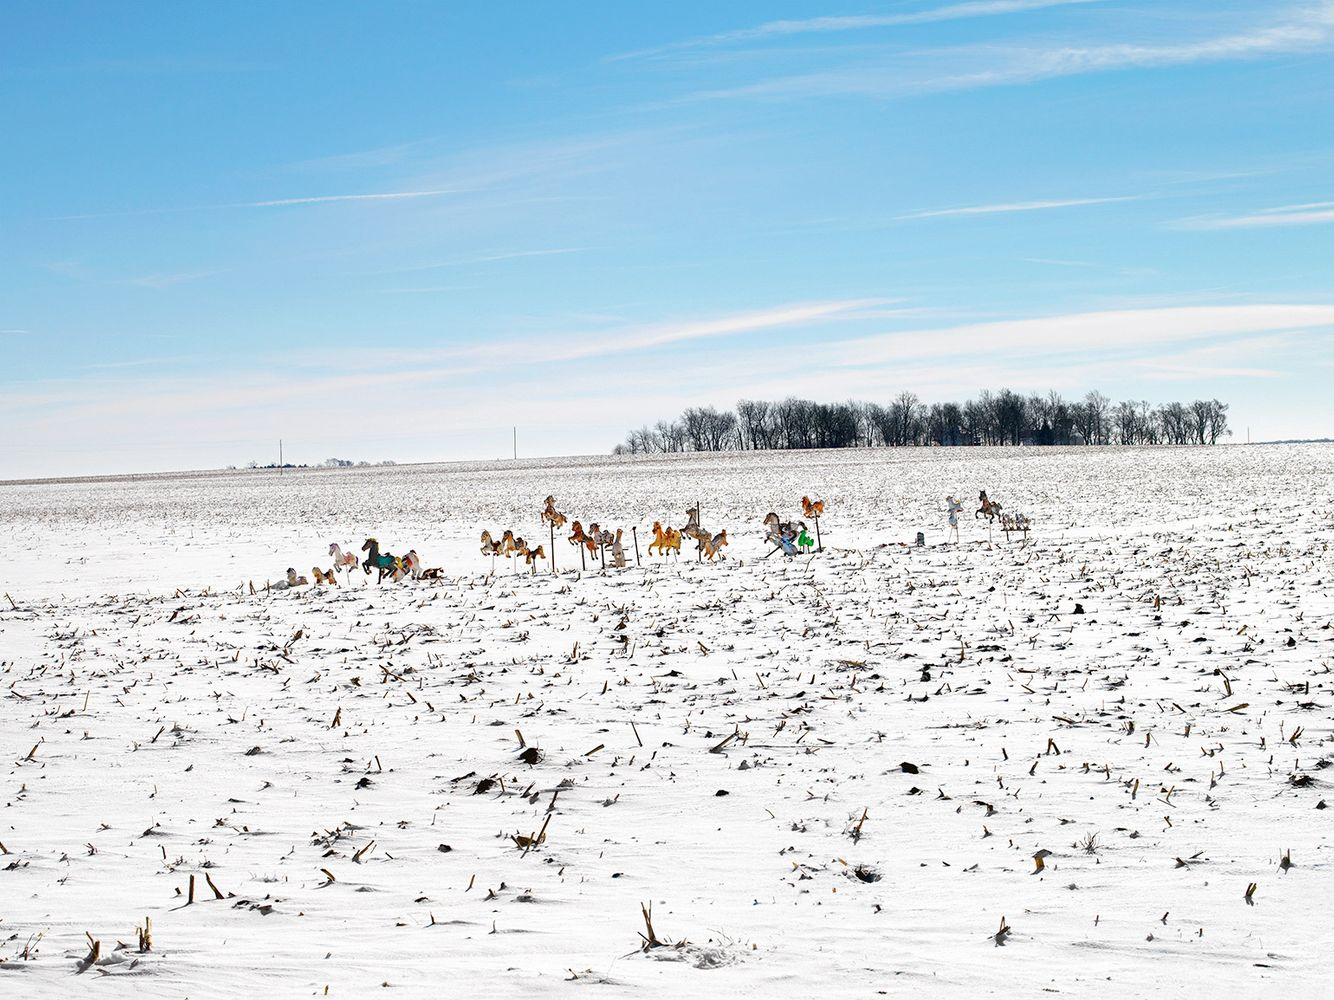 Hobby Horses, near Weston, IL 2007